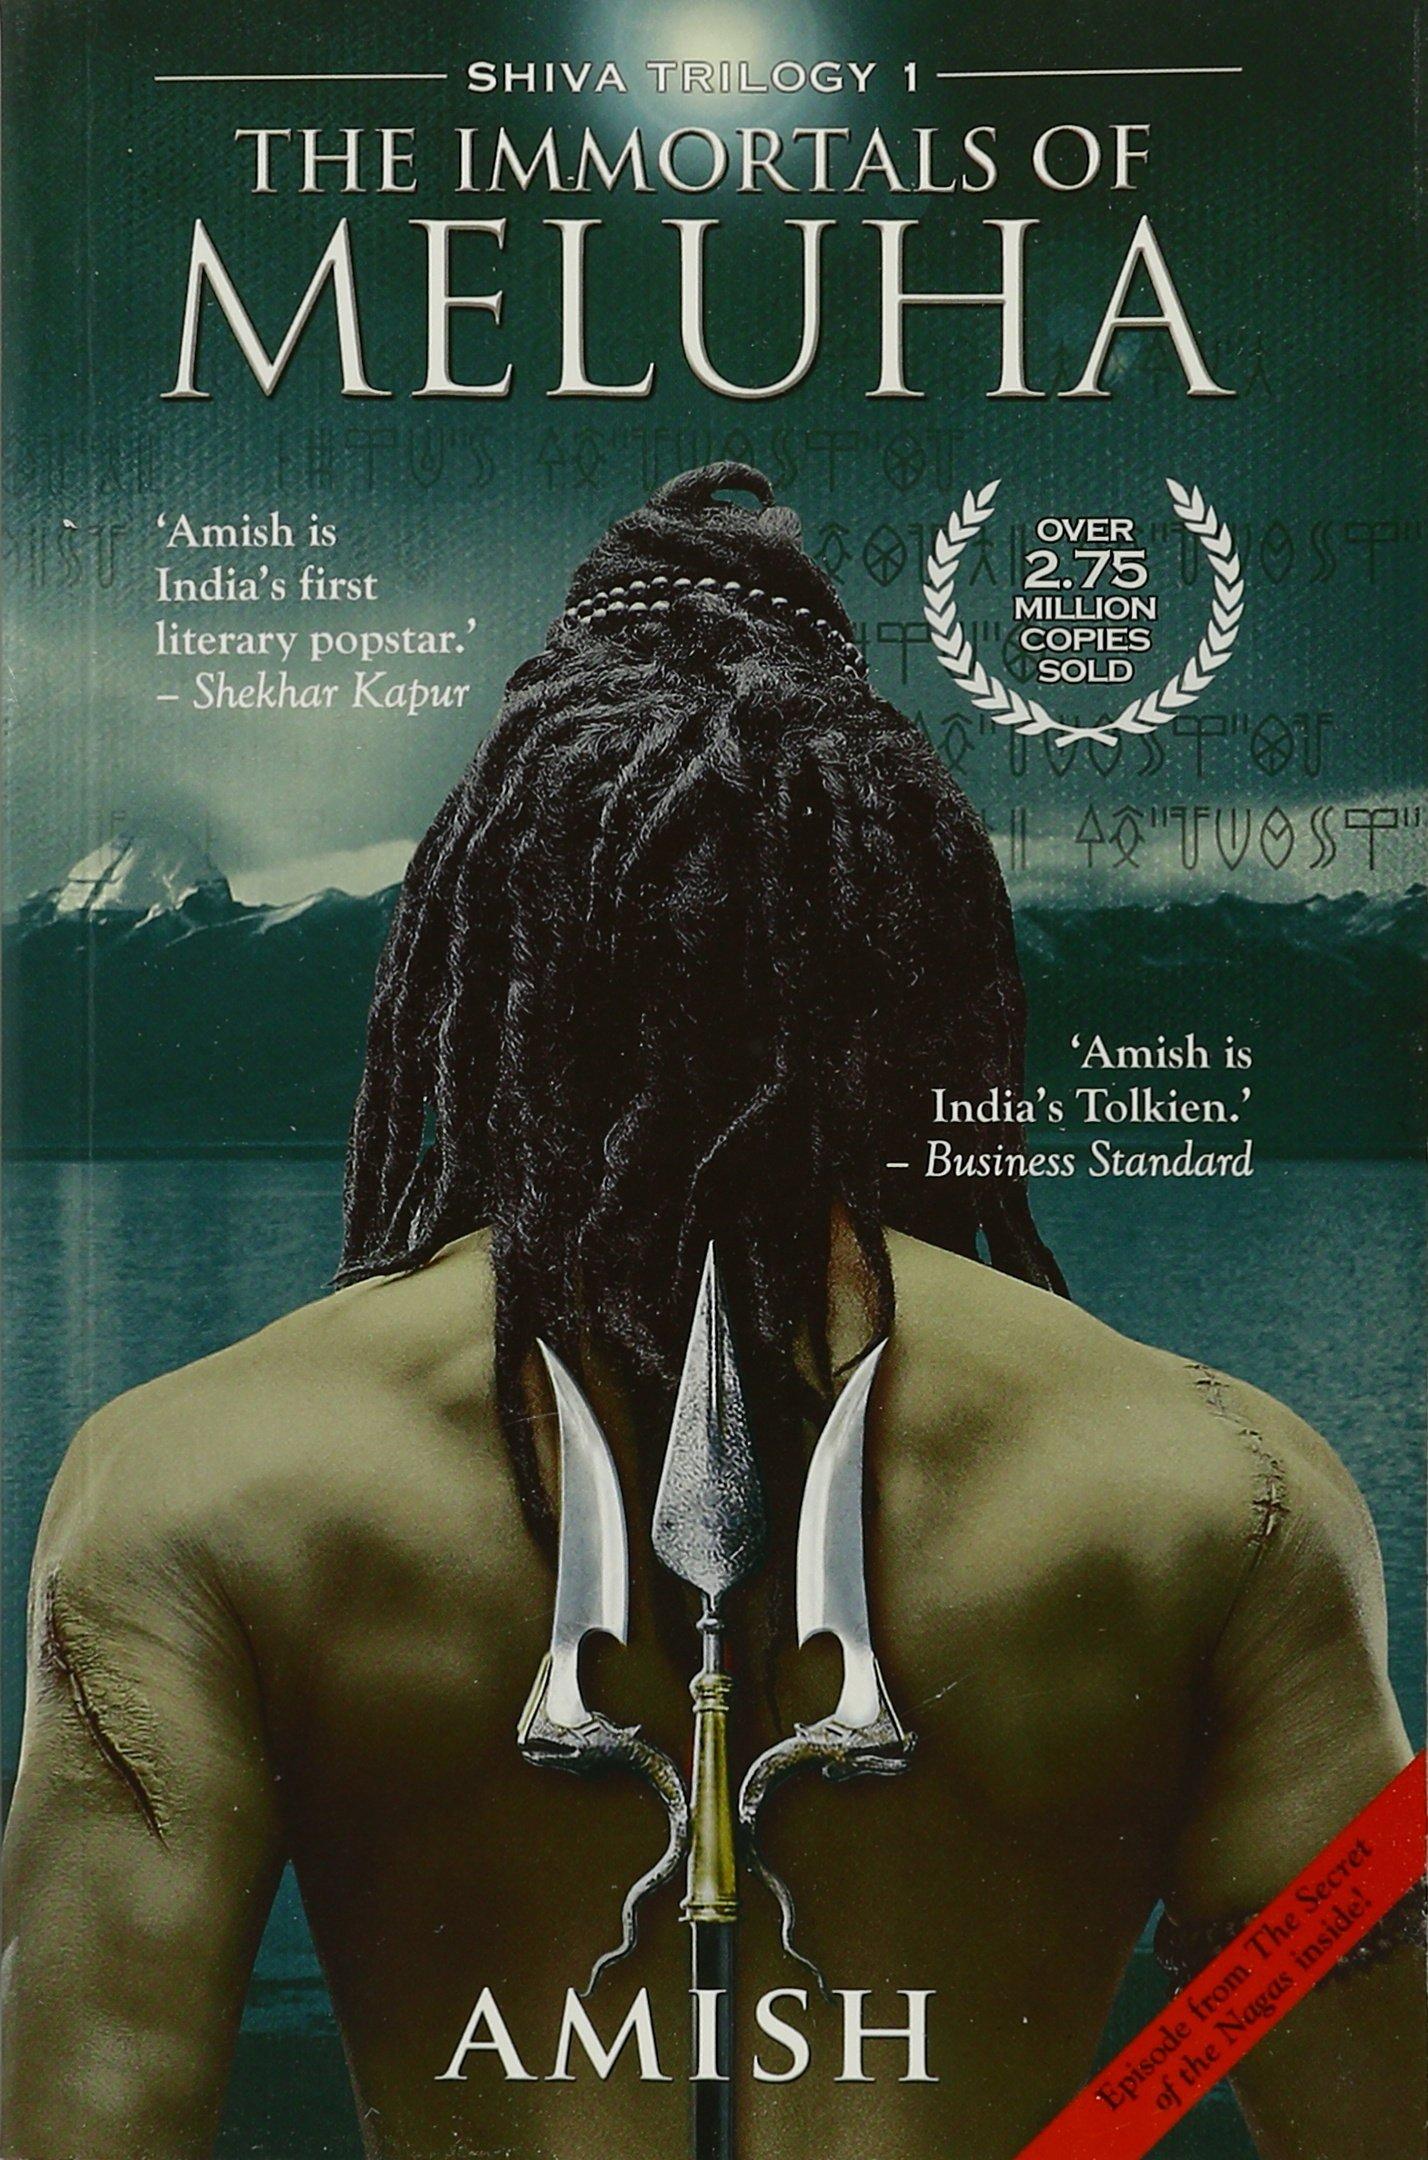 Immortals of Melhua